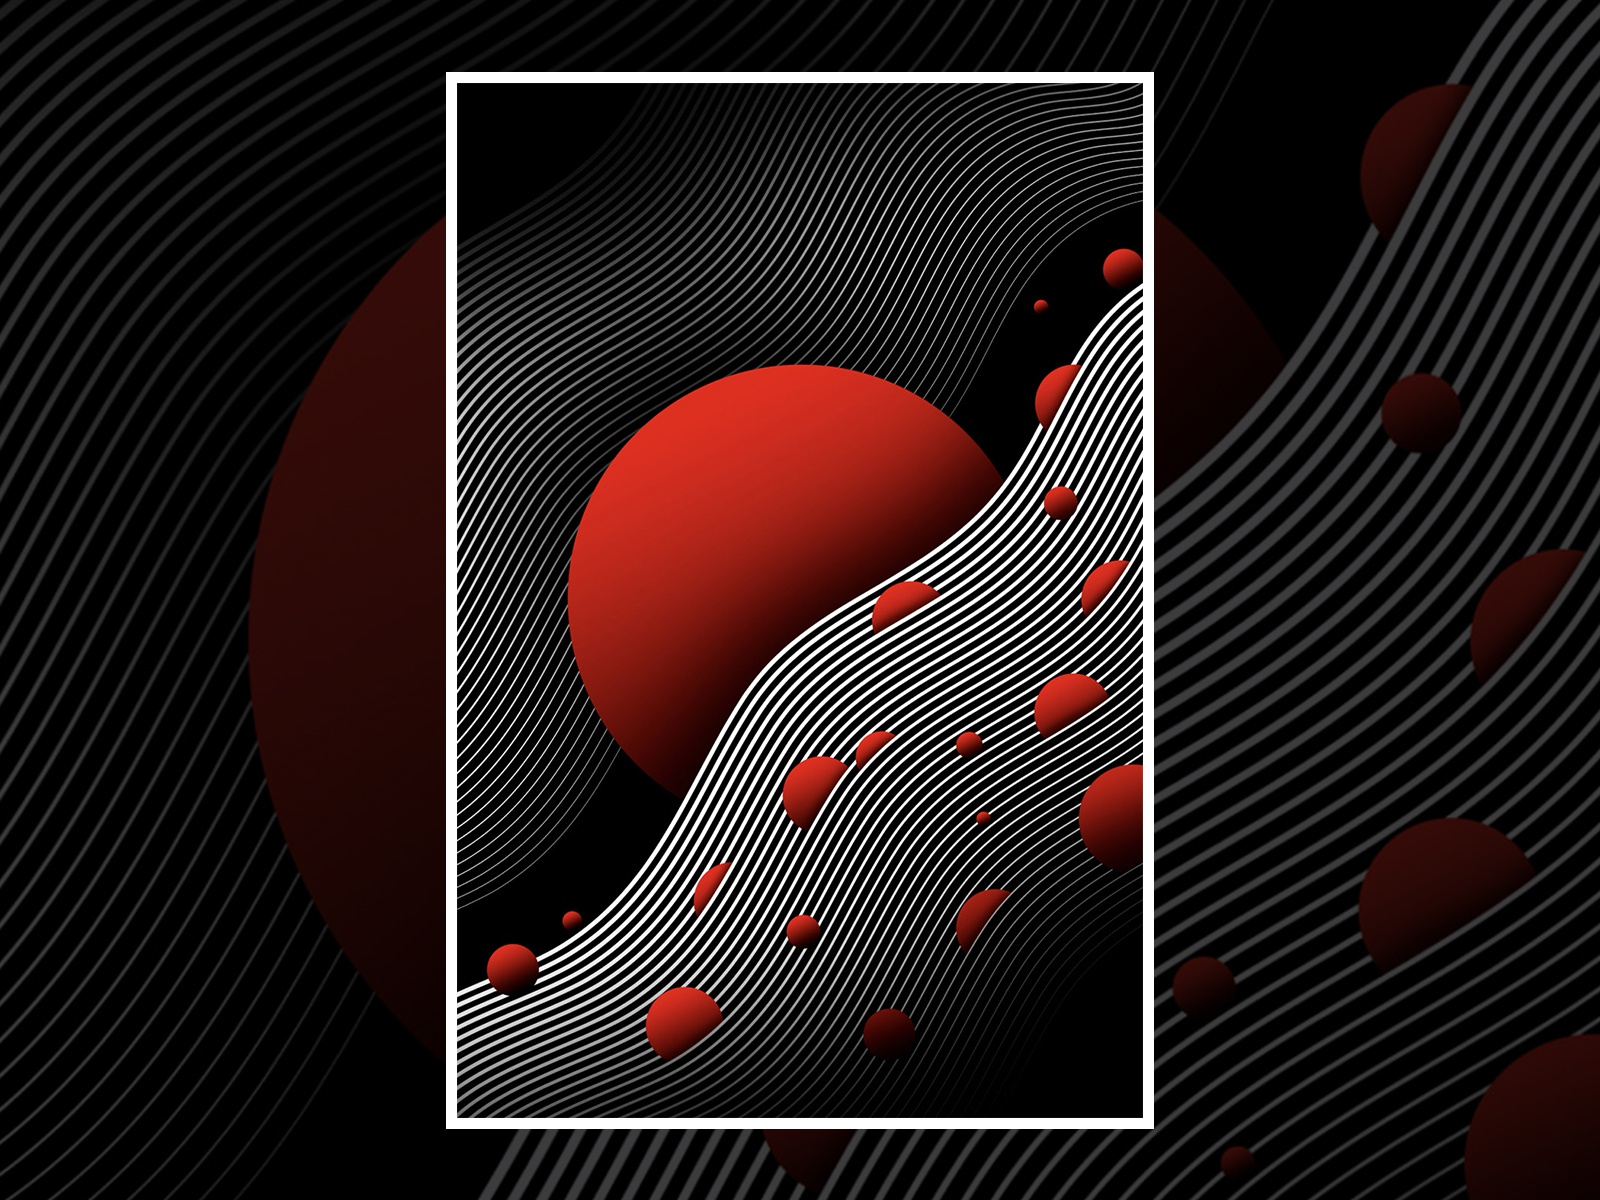 Warped Universe Poster